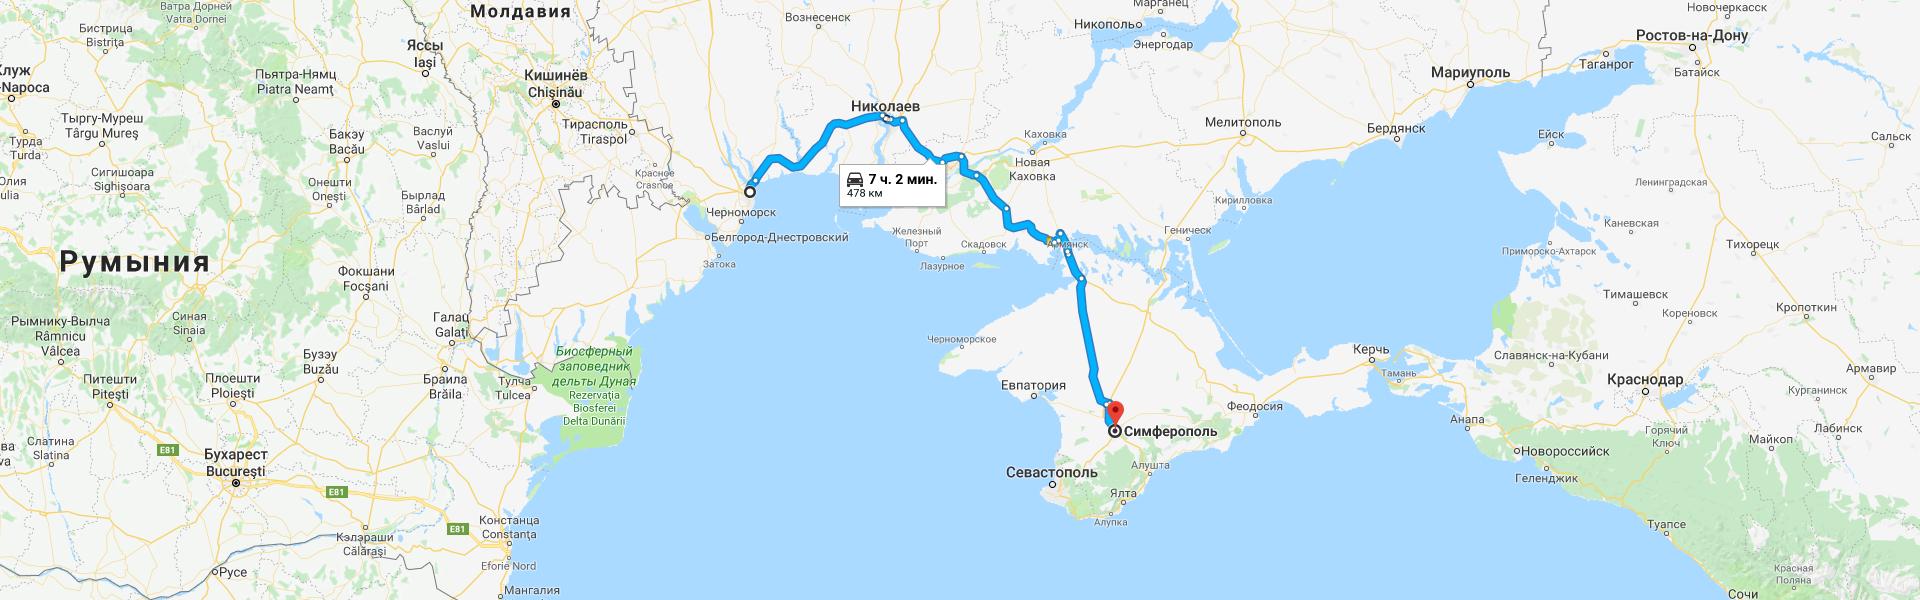 Одесса - Симферополь цена билета на автобусе